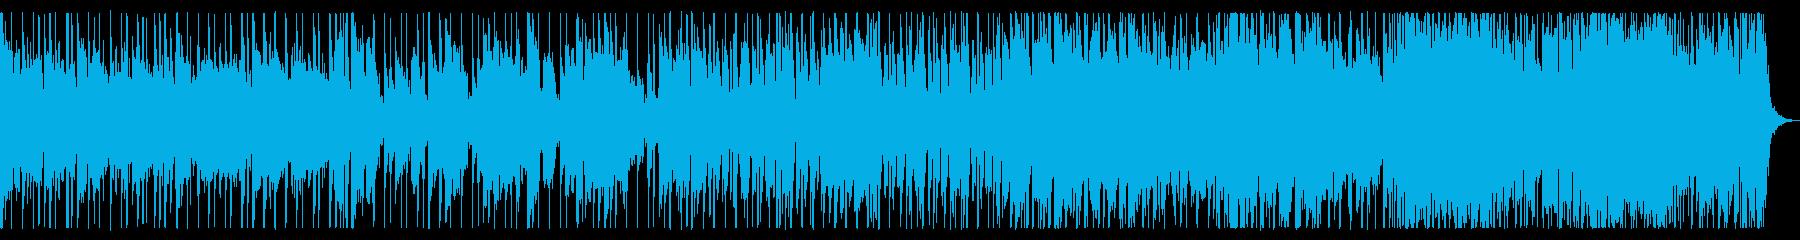 爽やか。日常。歌モノポップス。の再生済みの波形